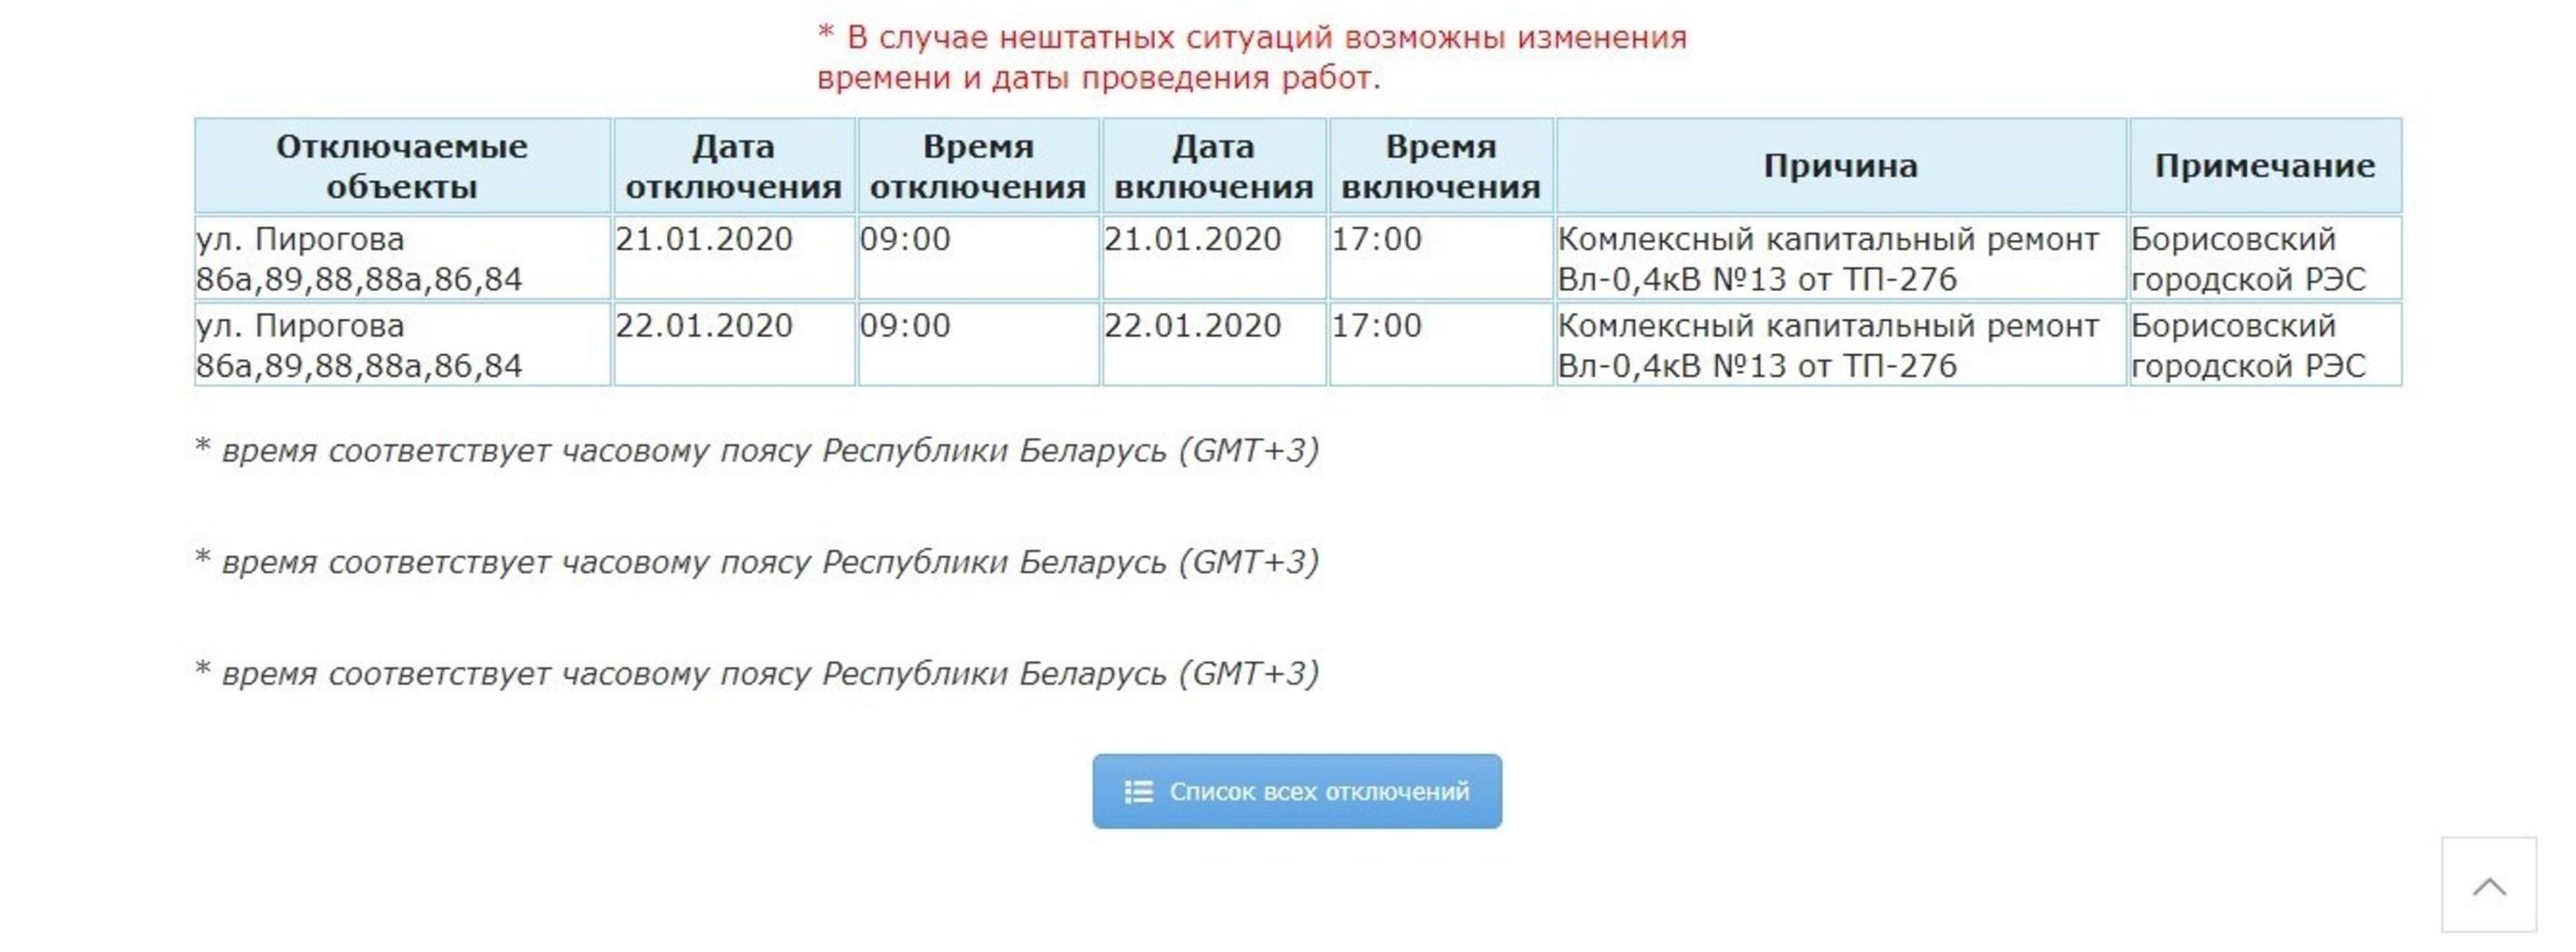 26611573 b92c 4436 a720 9860f82ea031